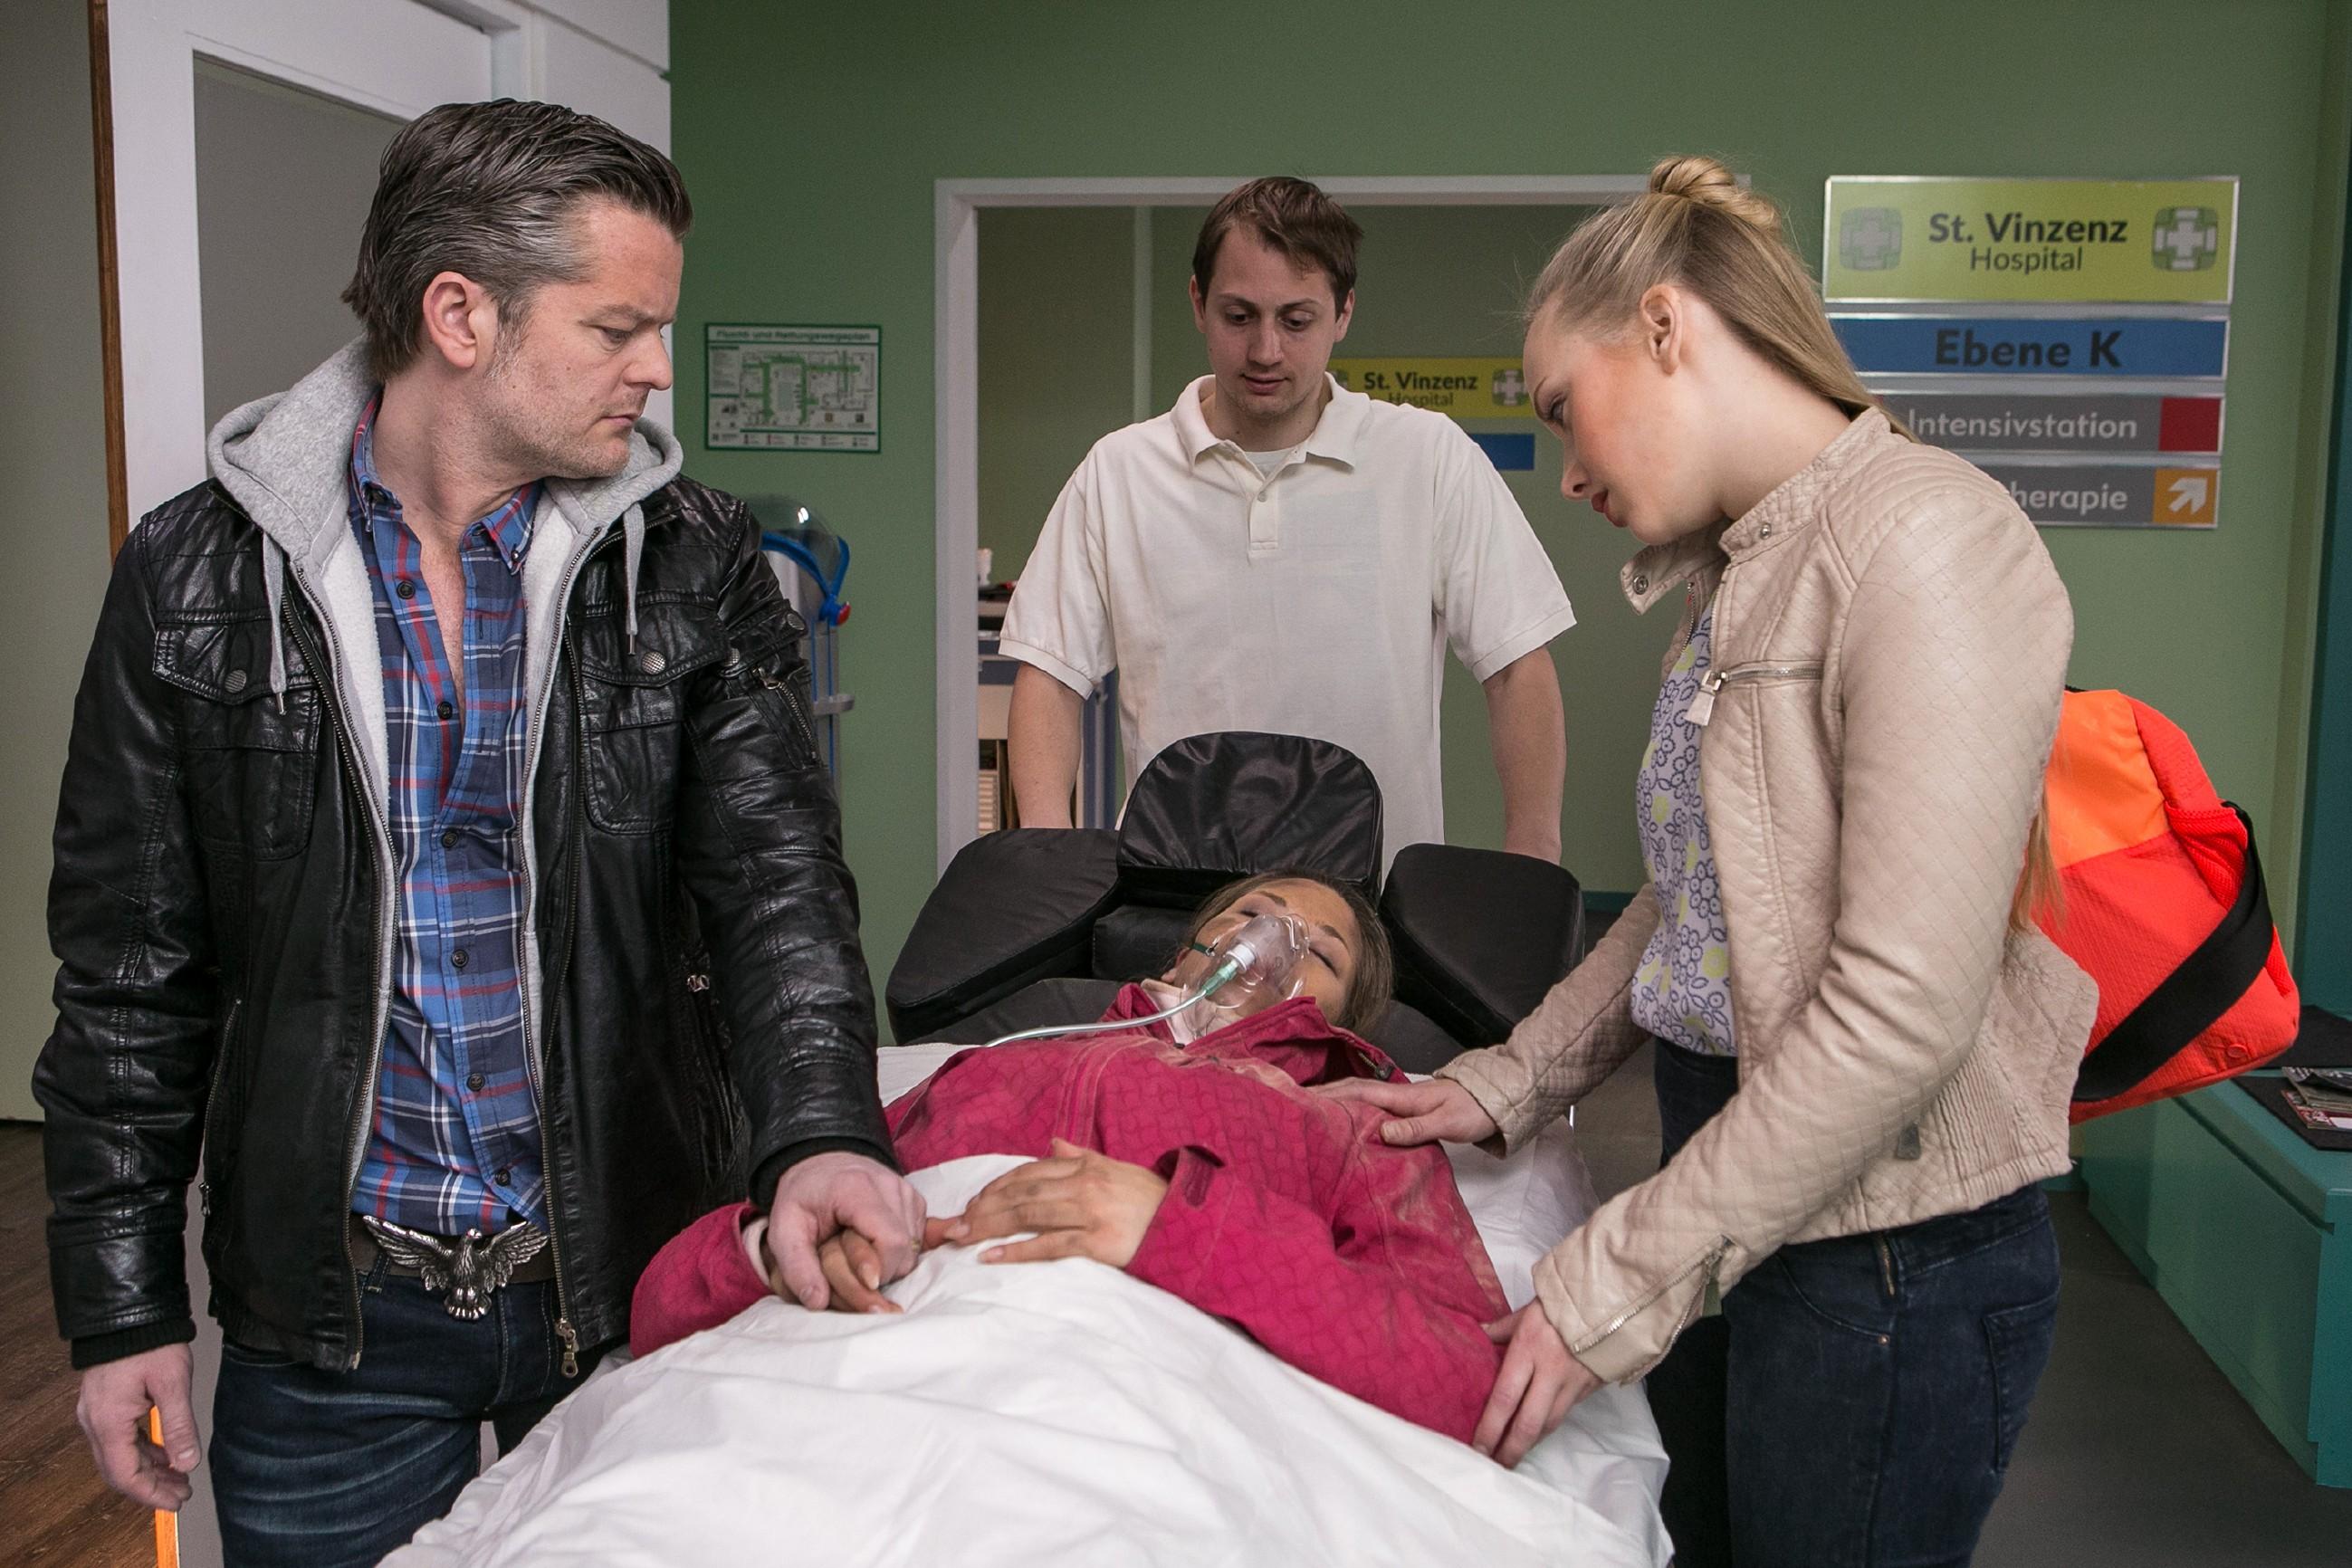 Ingo (André Dietz, l.) und Marie (Judith Neumann, r.) sind da, als auch die verletzte Diana (Tanja Szewczenko) ins Krankenhaus eingeliefert wird (hinten Komparse). (Quelle: RTL / Kai Schulz)